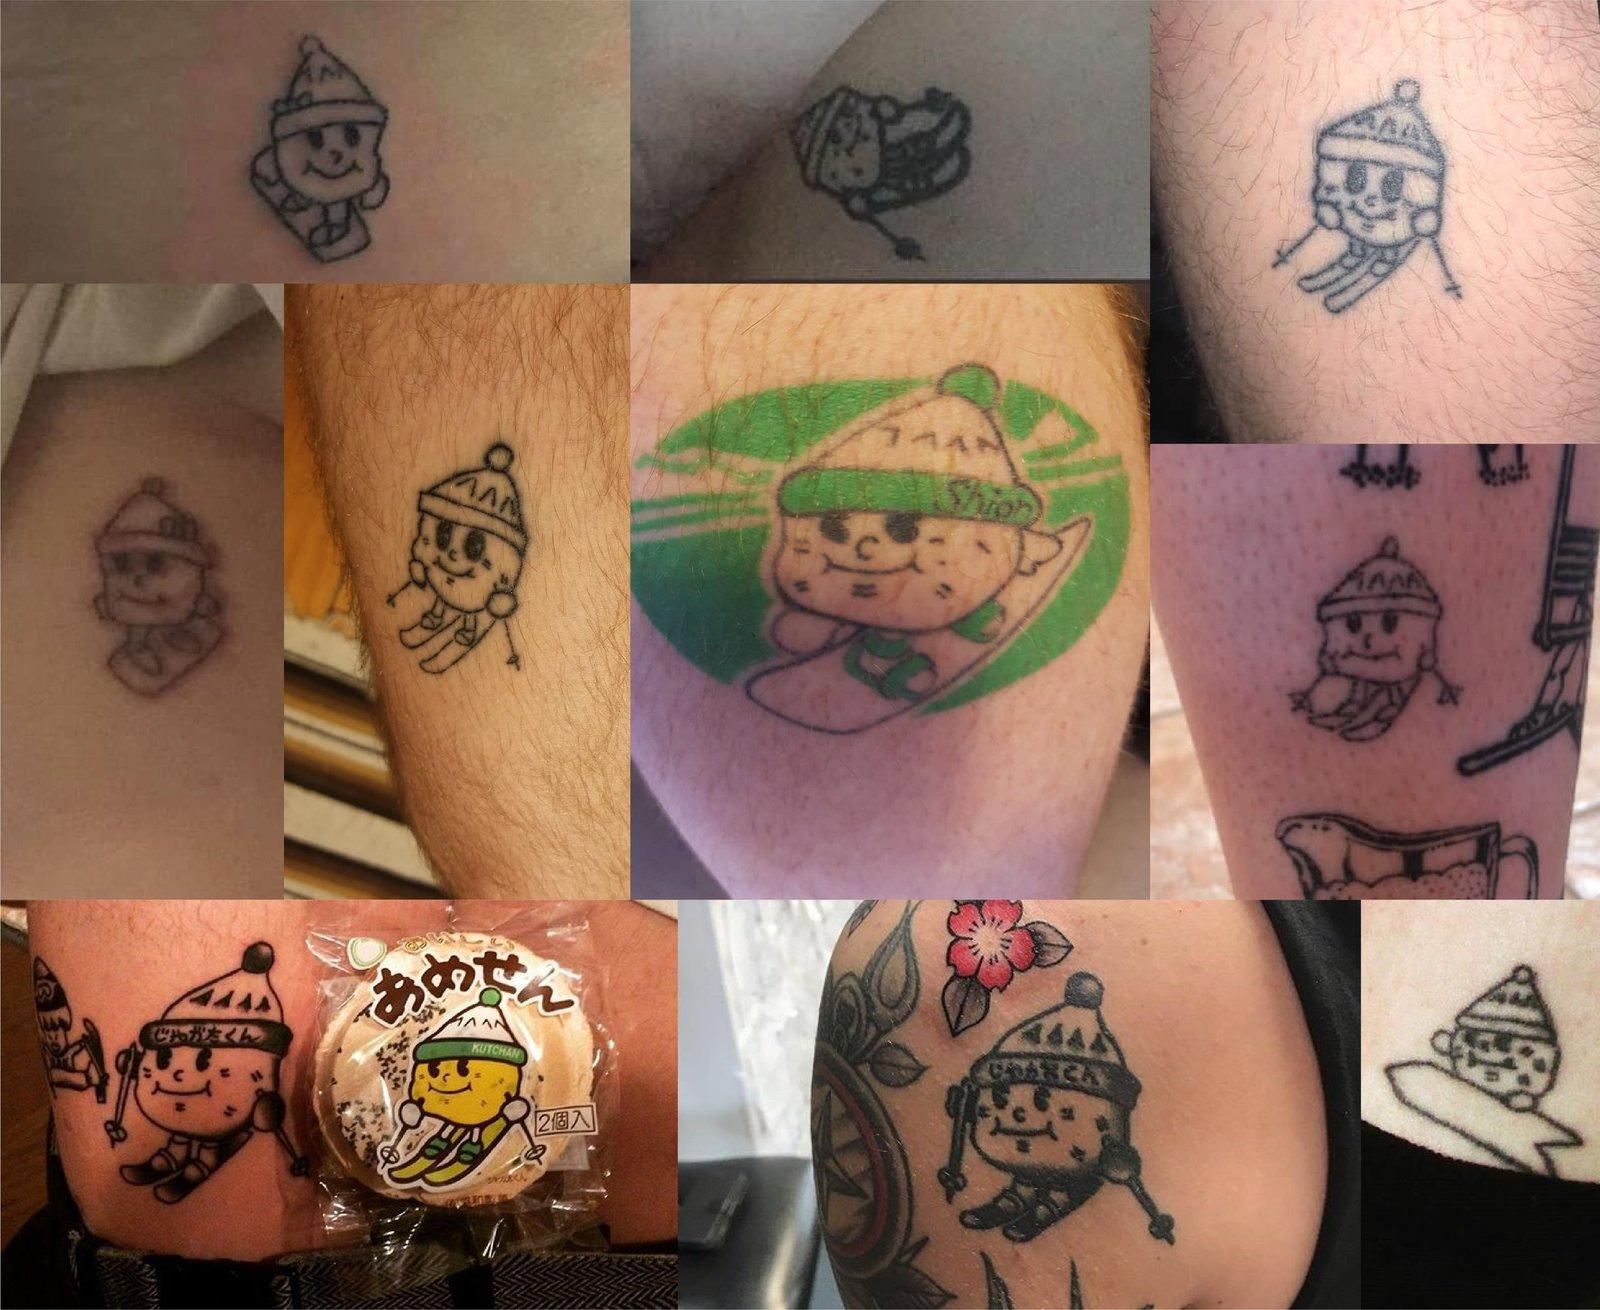 tattoos of jagata kun from niseko seasonal workers